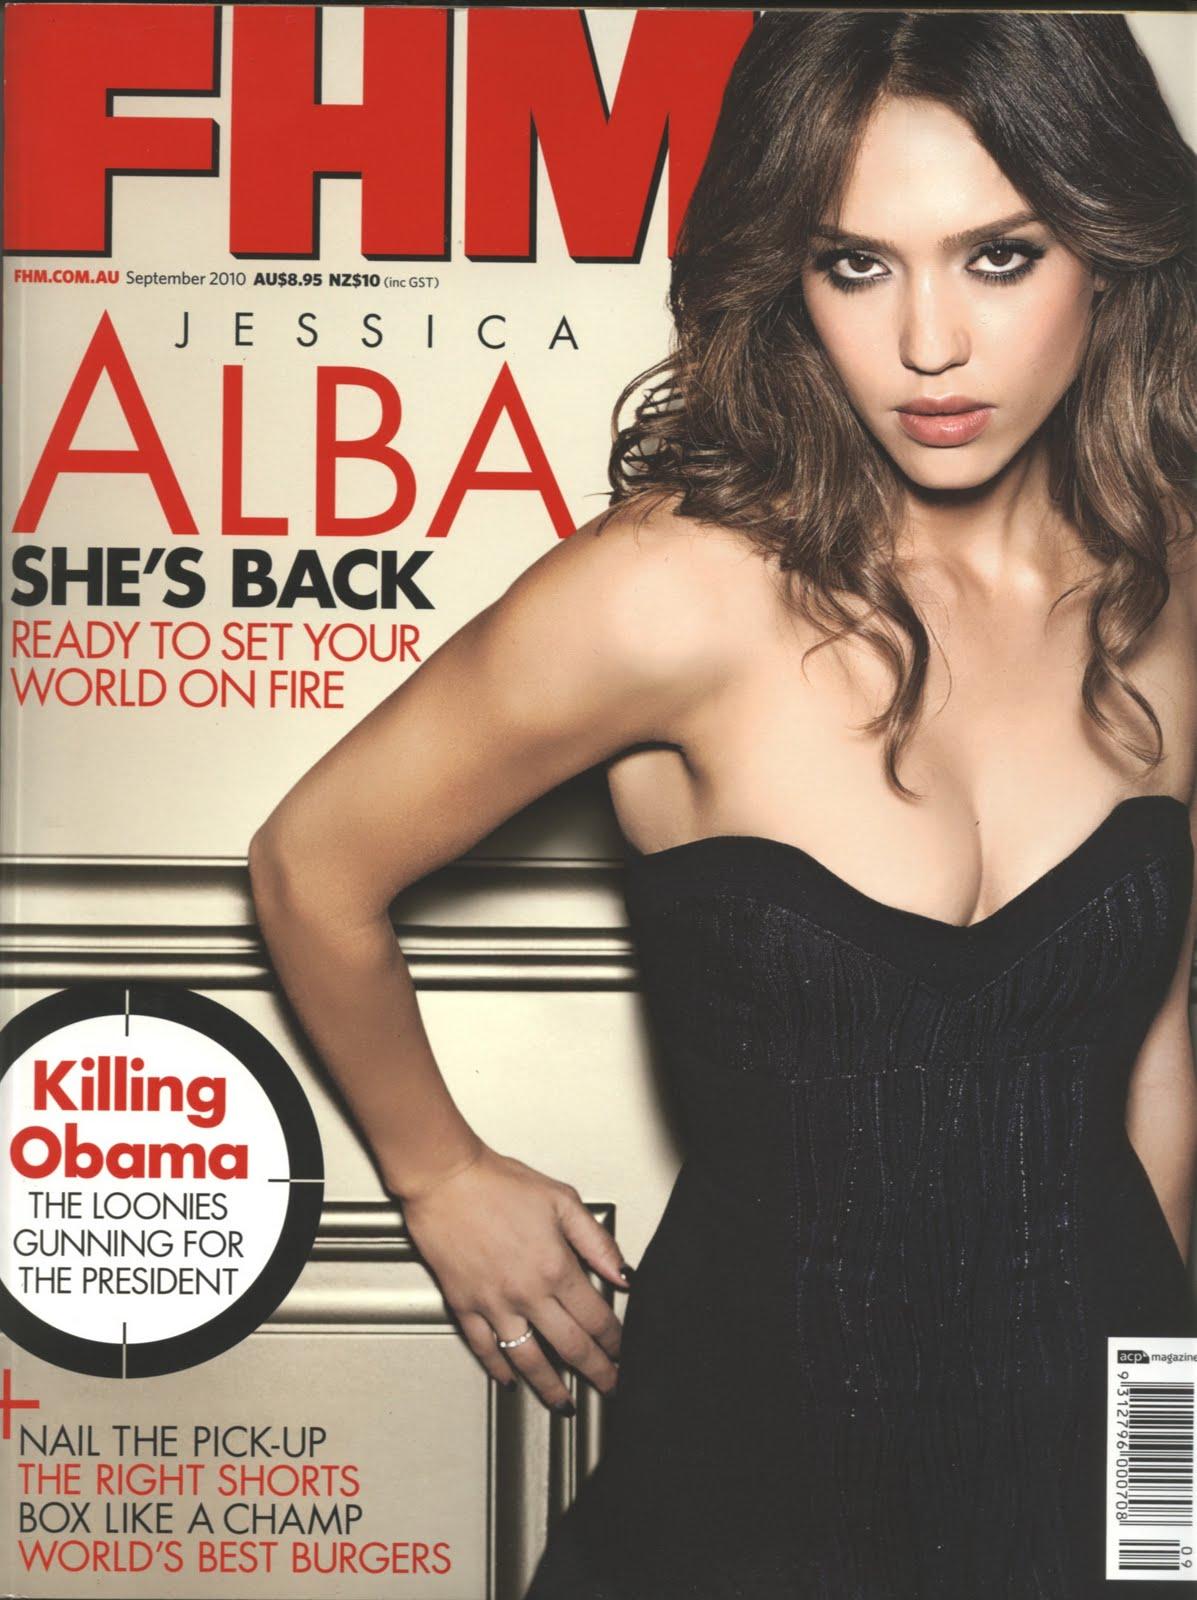 http://1.bp.blogspot.com/_jTQy-jdzRBI/TFsfLgOlxqI/AAAAAAAAMX8/fQEWFvcFt0o/s1600/Jessica_Alba_Revista_FHM_Septiembre_2010_.jpg